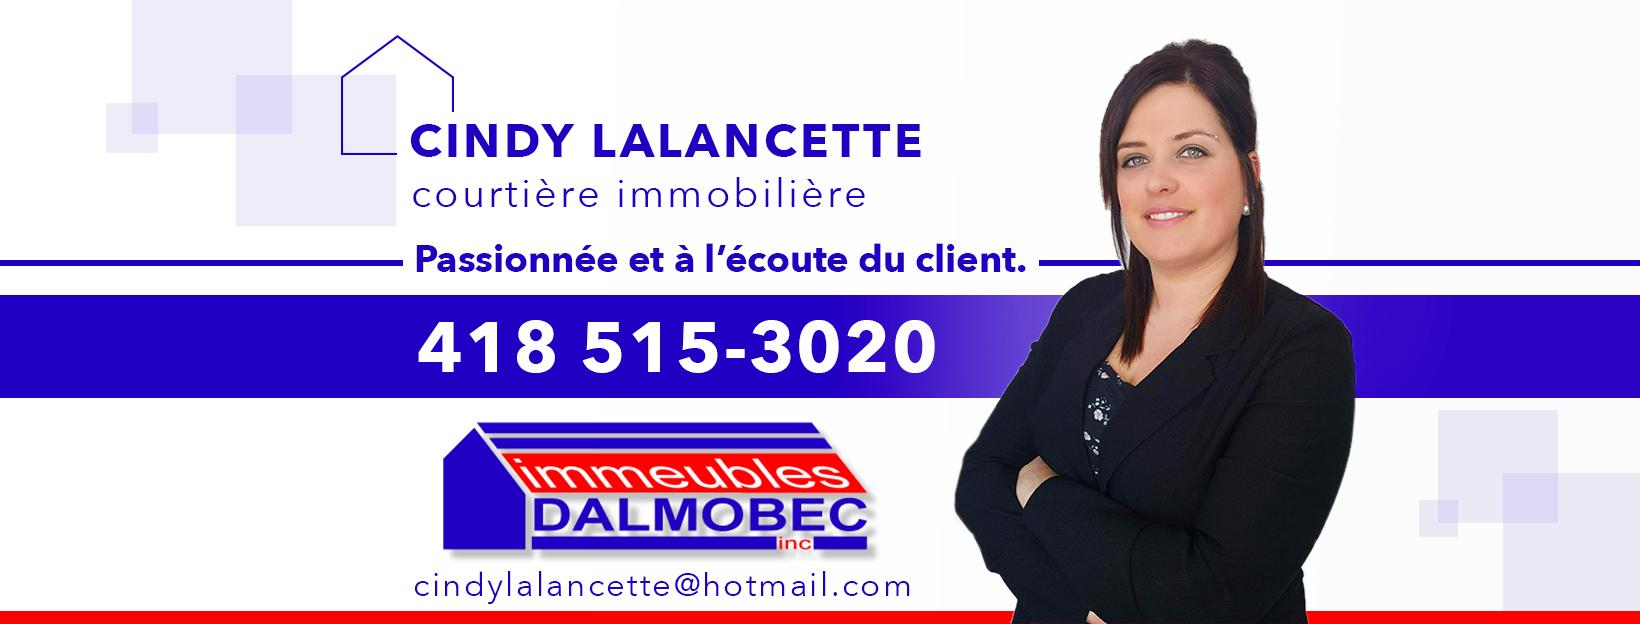 Cindy Lalancette Courtier Immobilier Résidentiel à Saint-Félicien